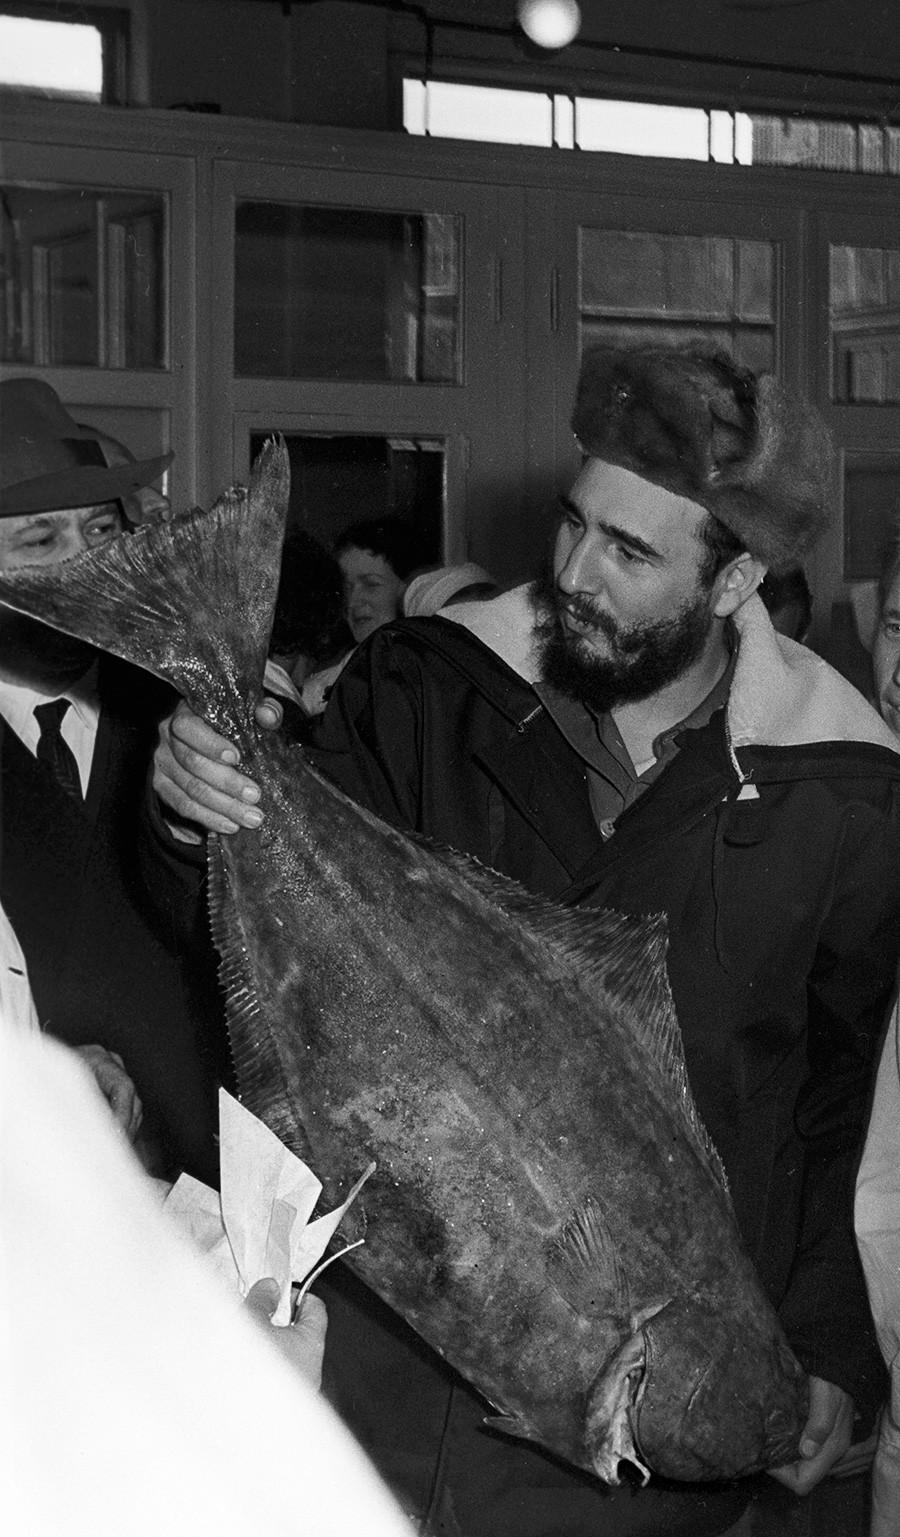 El líder de la revolución cubana, Fidel Castro, visita una fábrica de pescado en Múrmansk, URSS.